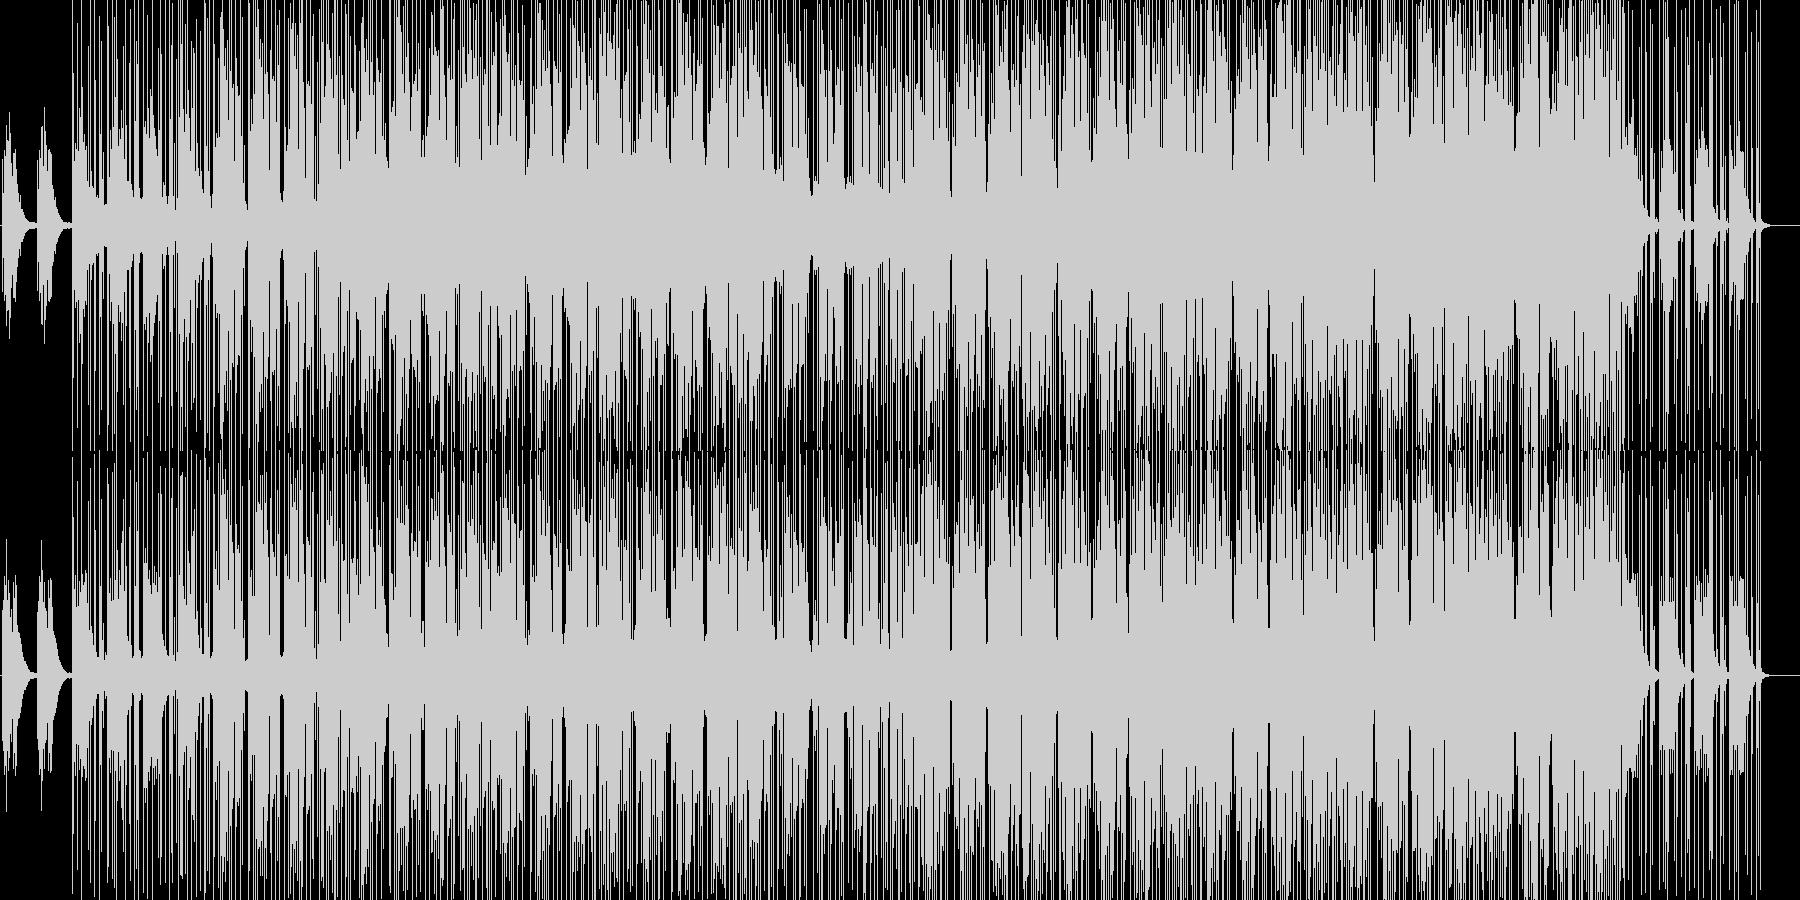 ピアノがメインのアンビエントミュージックの未再生の波形